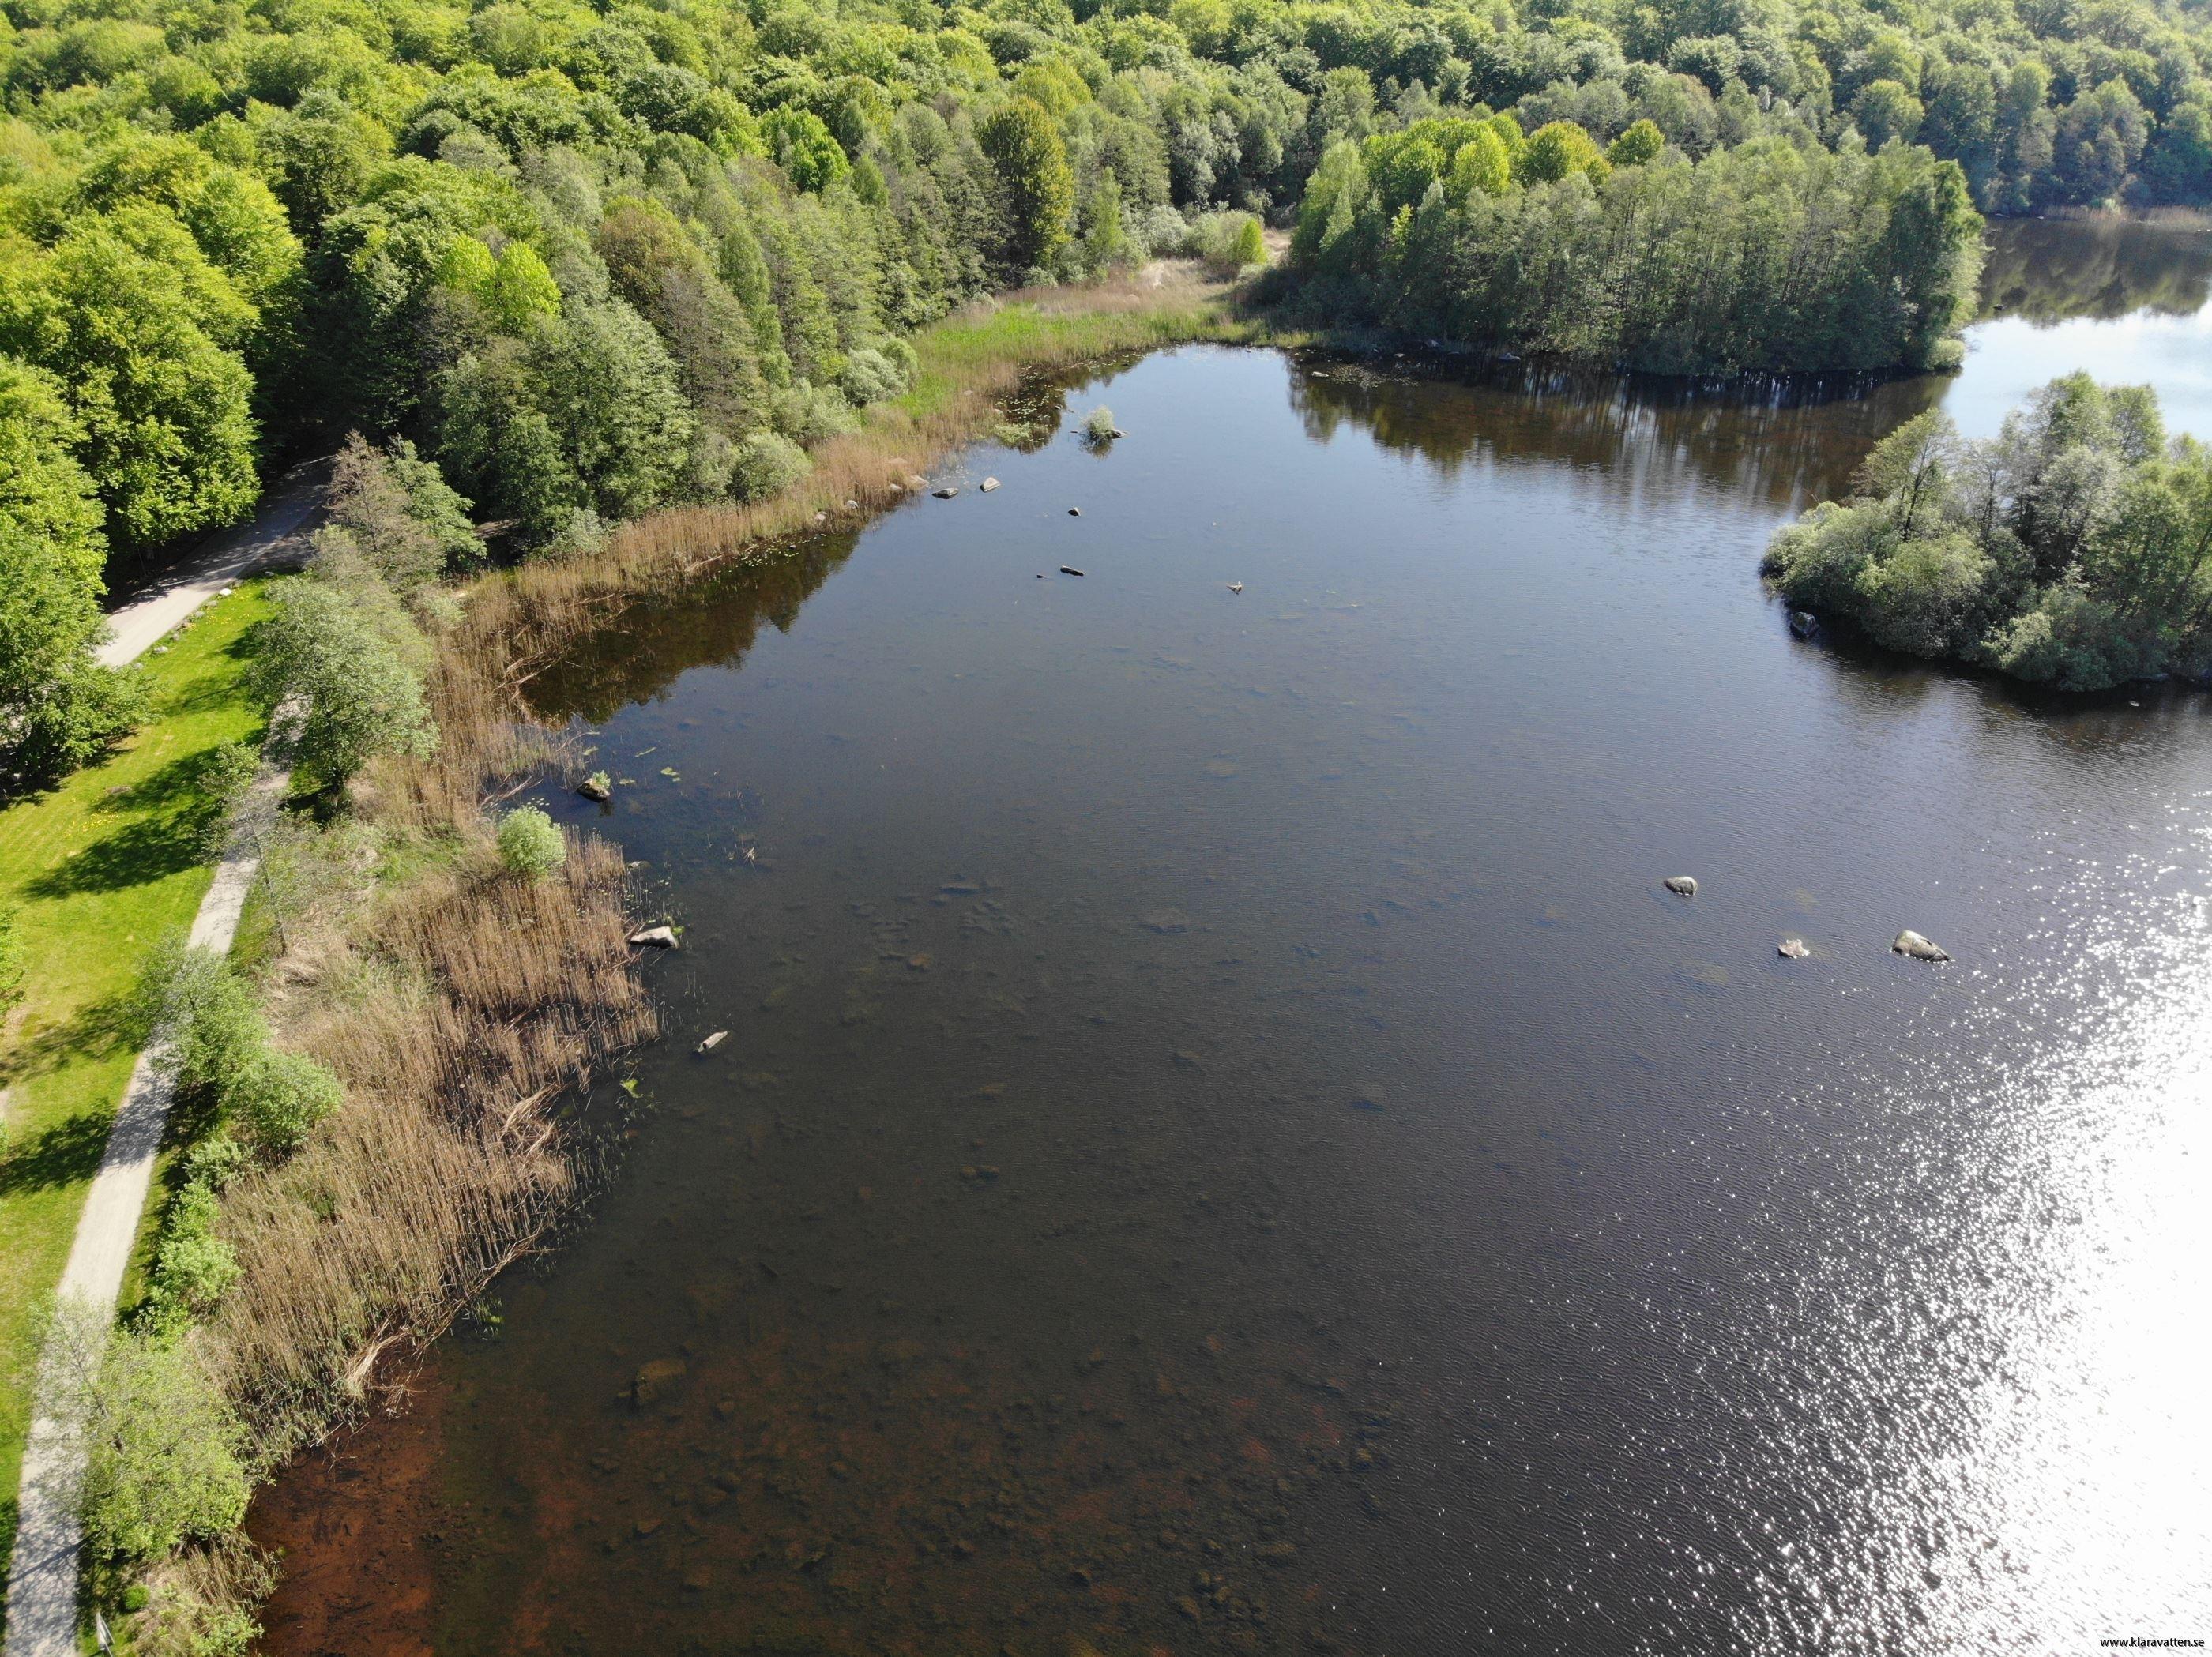 Biking: Södra Bergundasjön, 11 km